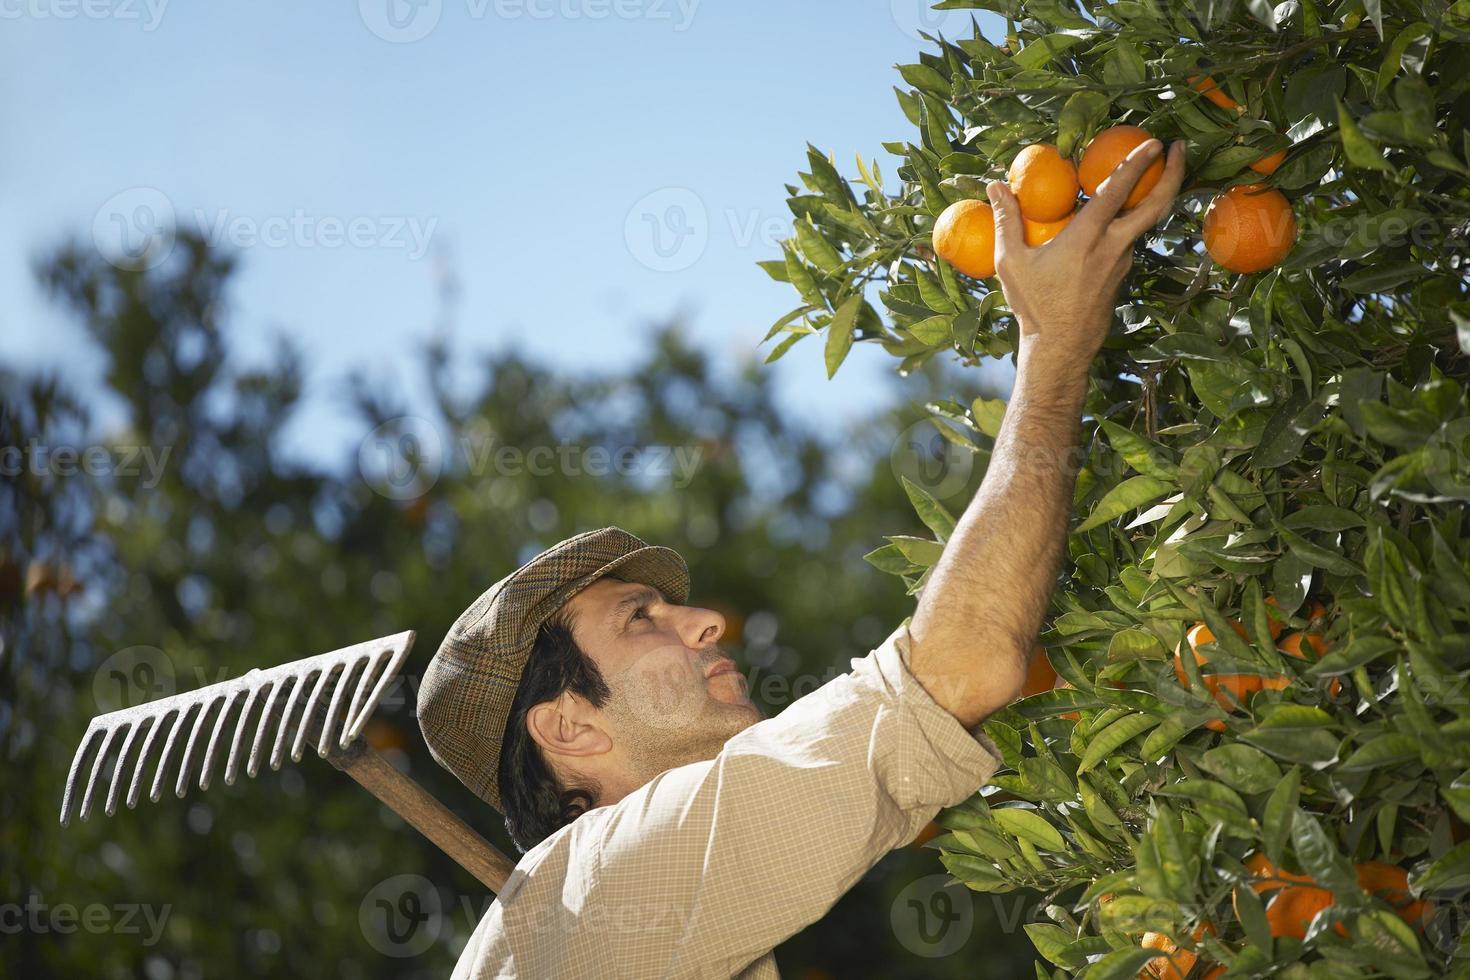 Agricultor cosechando naranjas en la granja foto